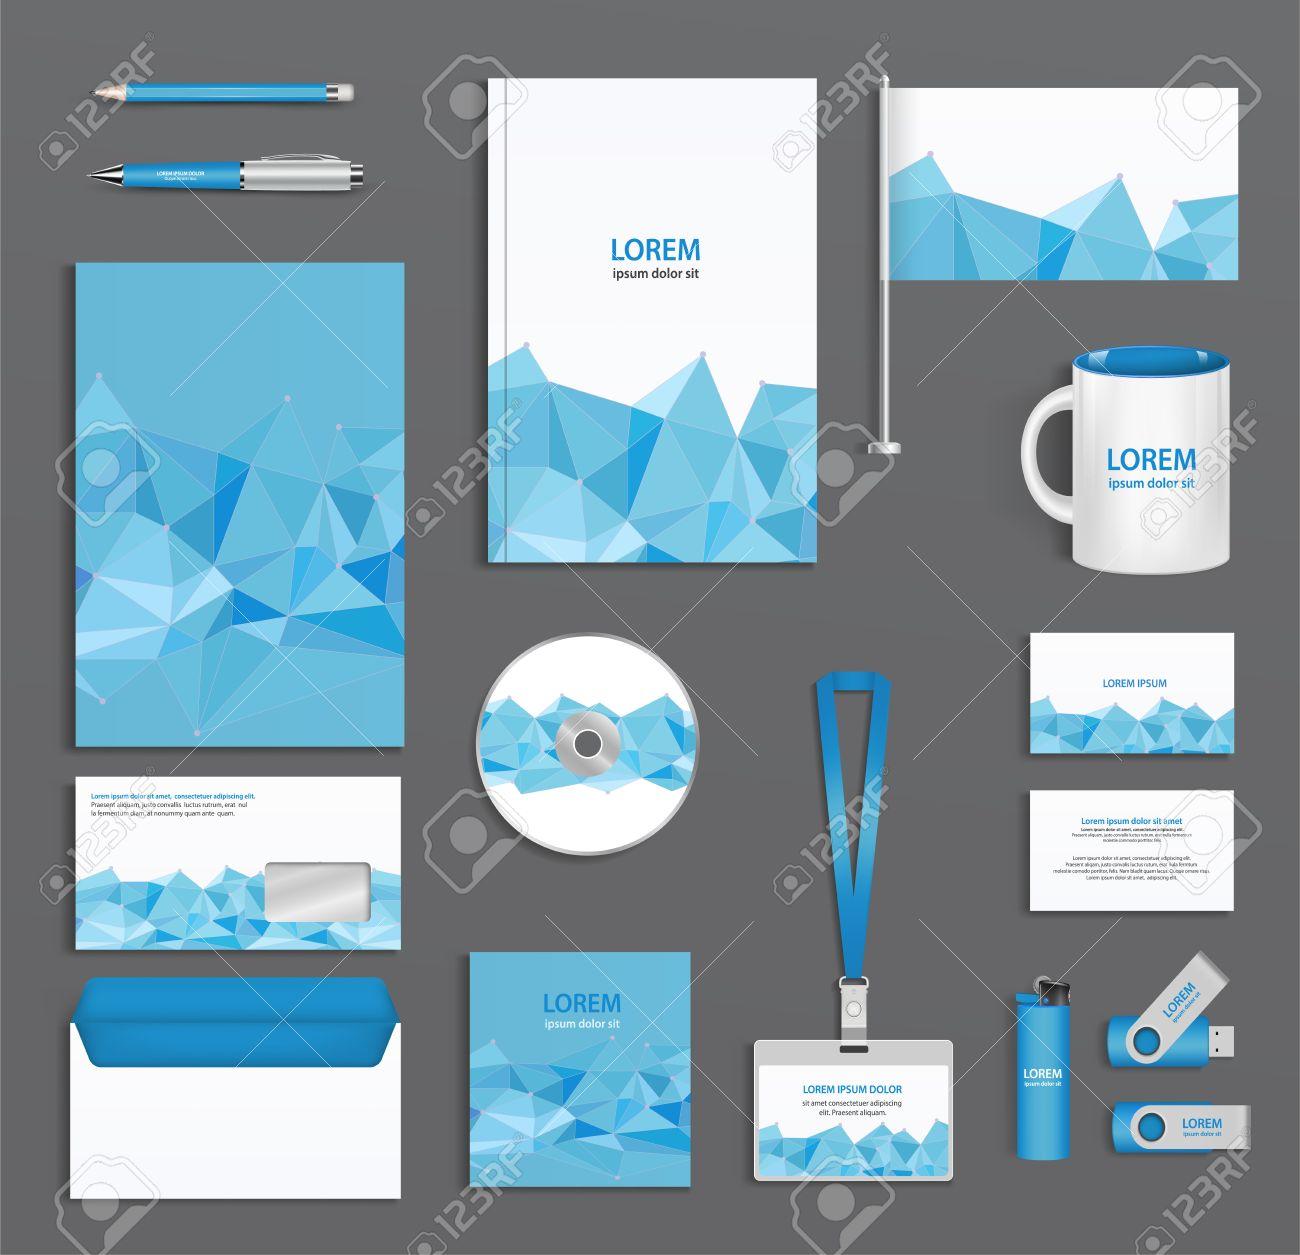 Plantilla Azul Identificación Corporativa Con Estilo Abstracto ...